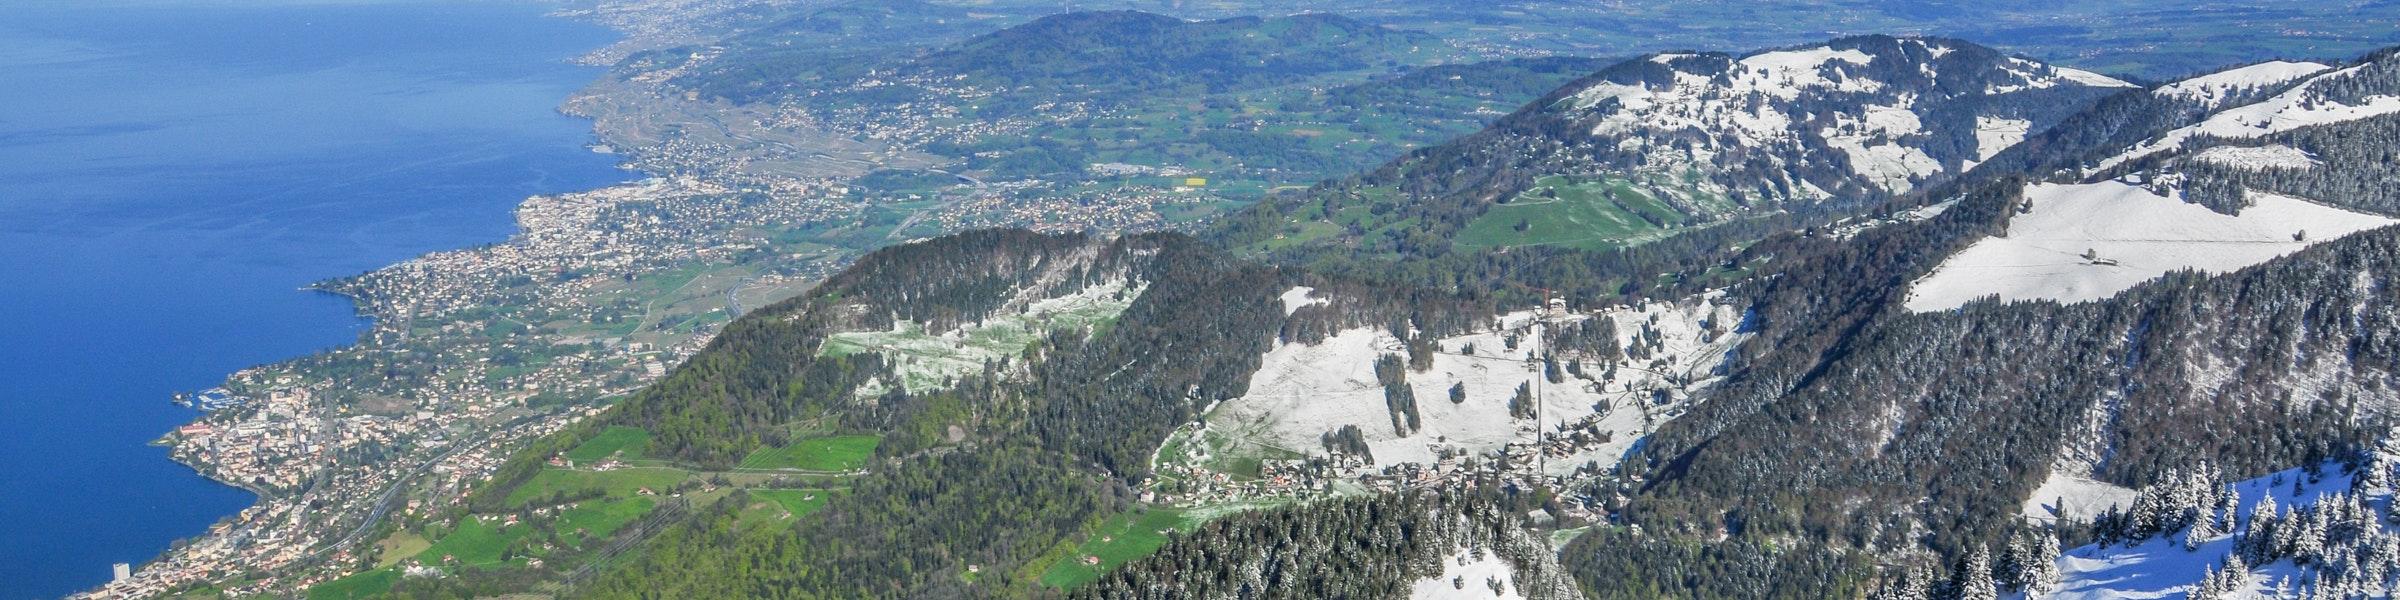 Uitzicht vanaf Rochers-de-Naye